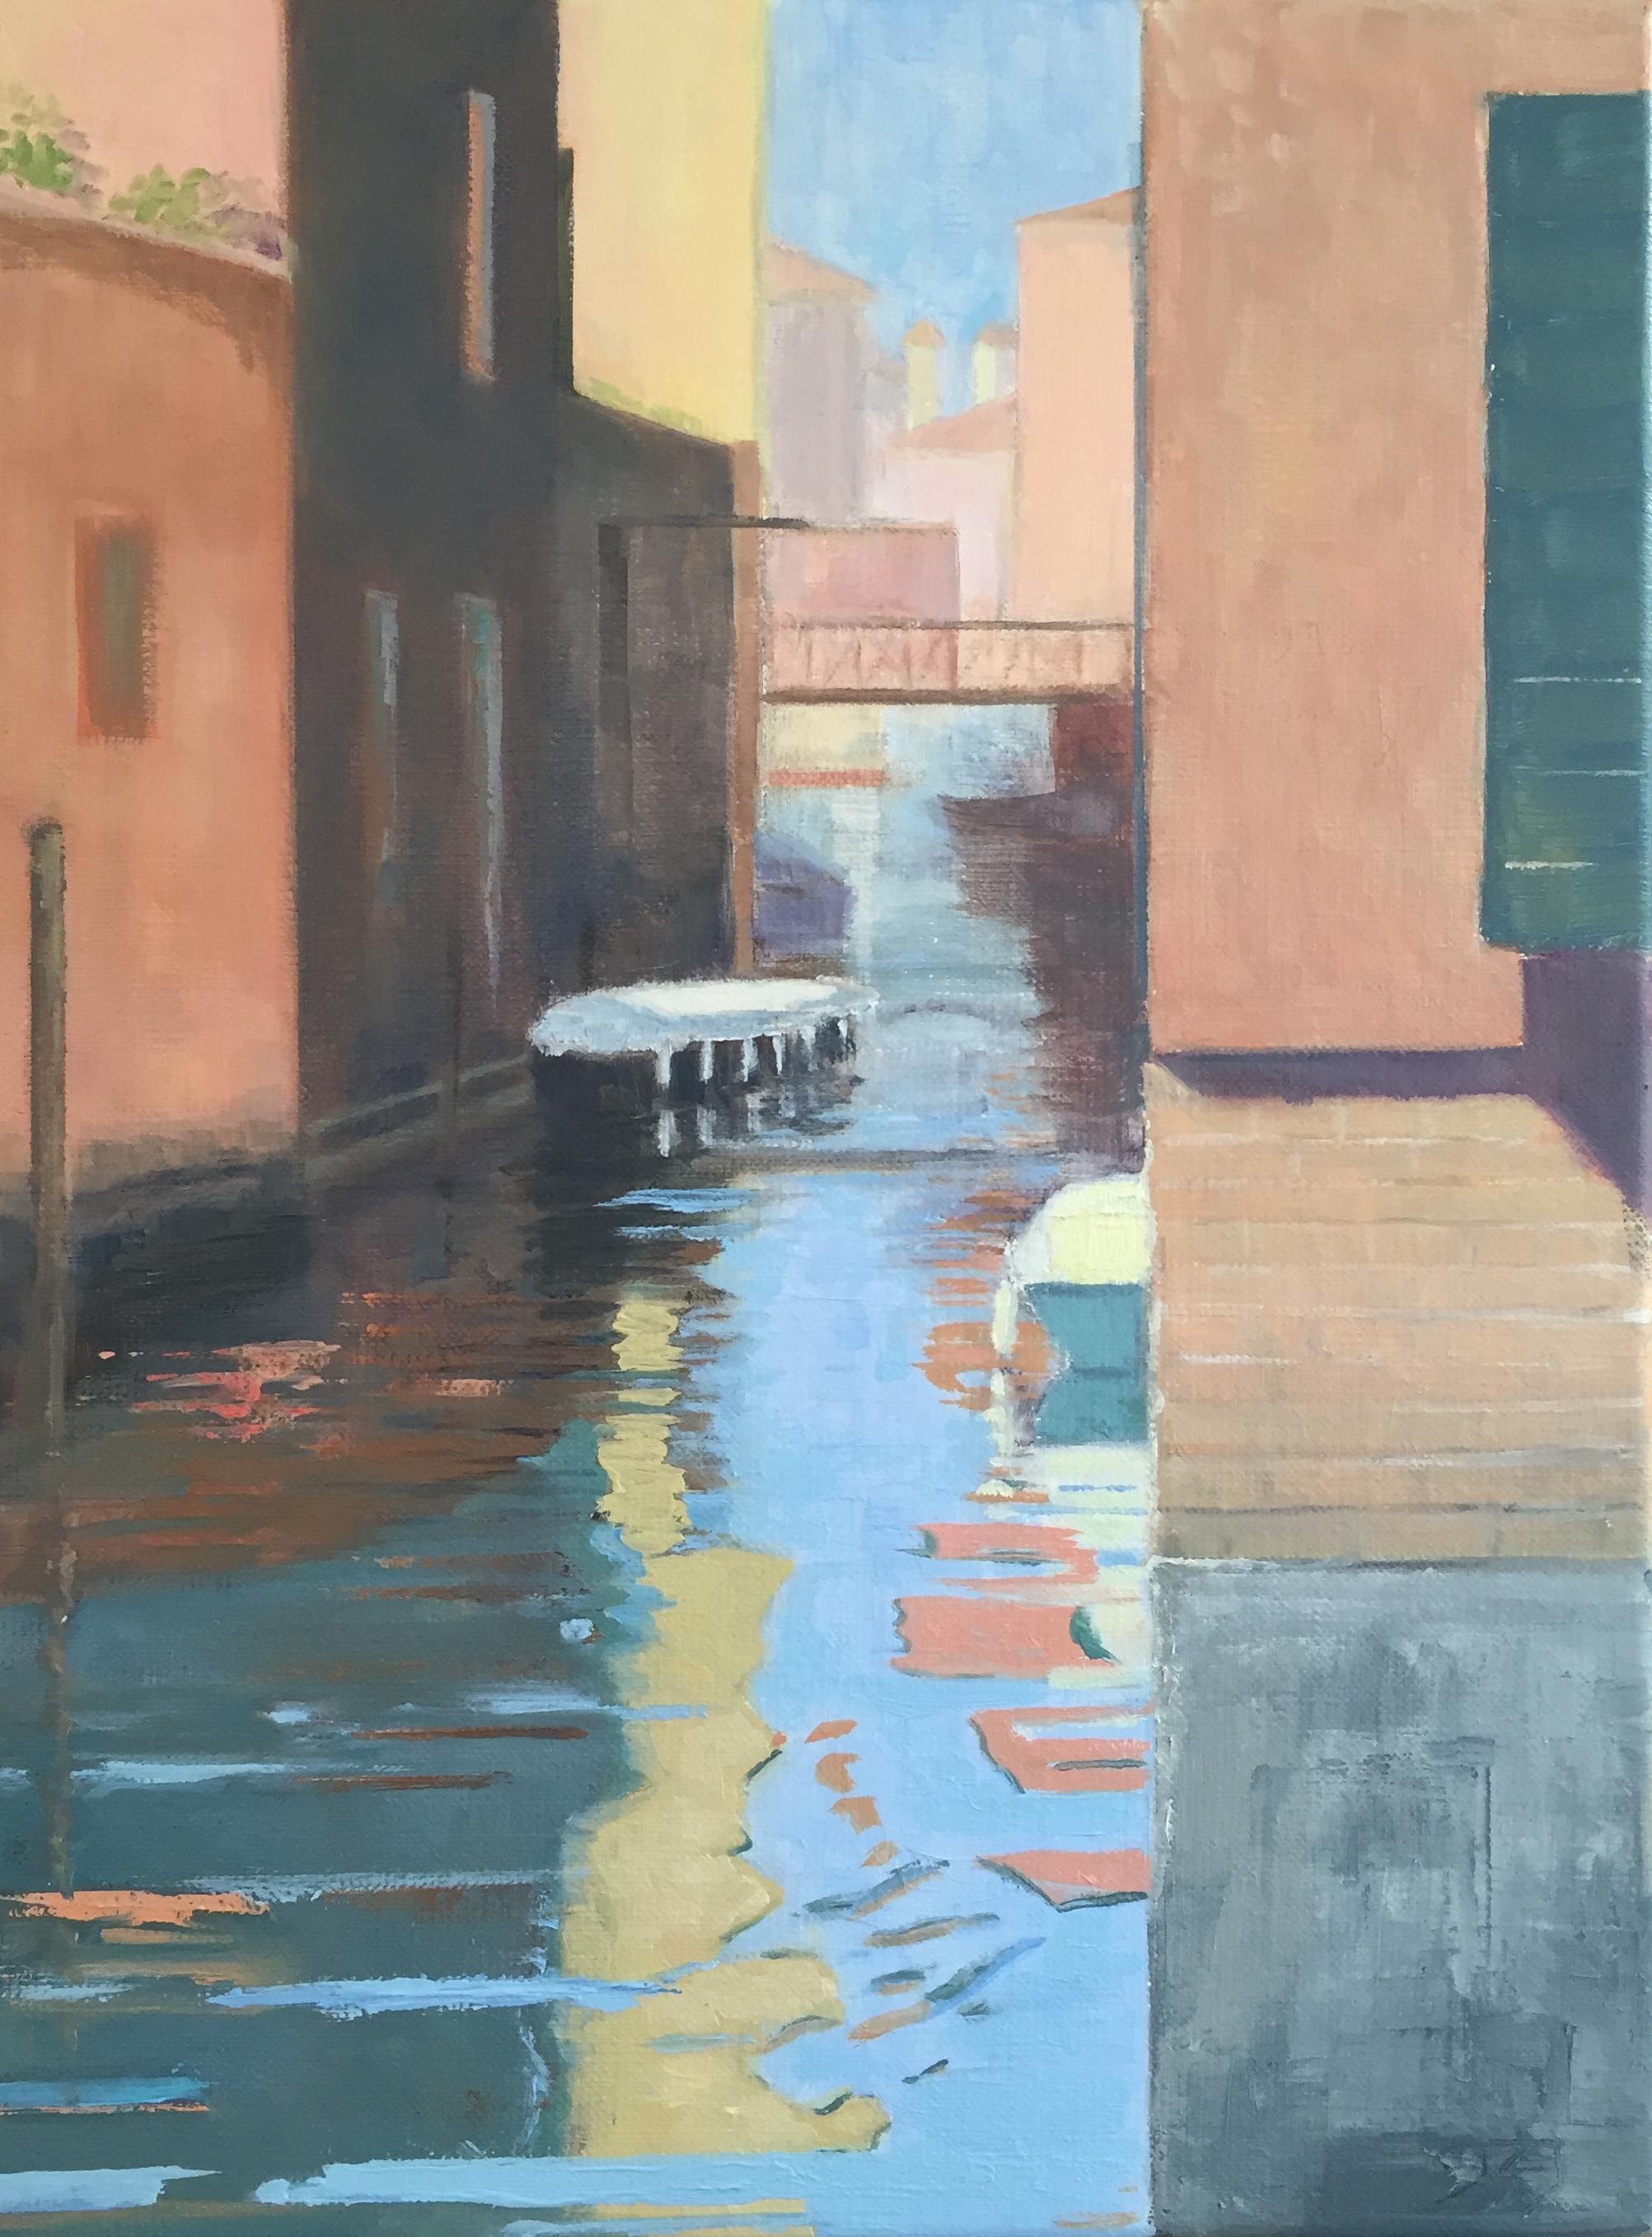 Venetië, 40/30 cm, olieverf op doek